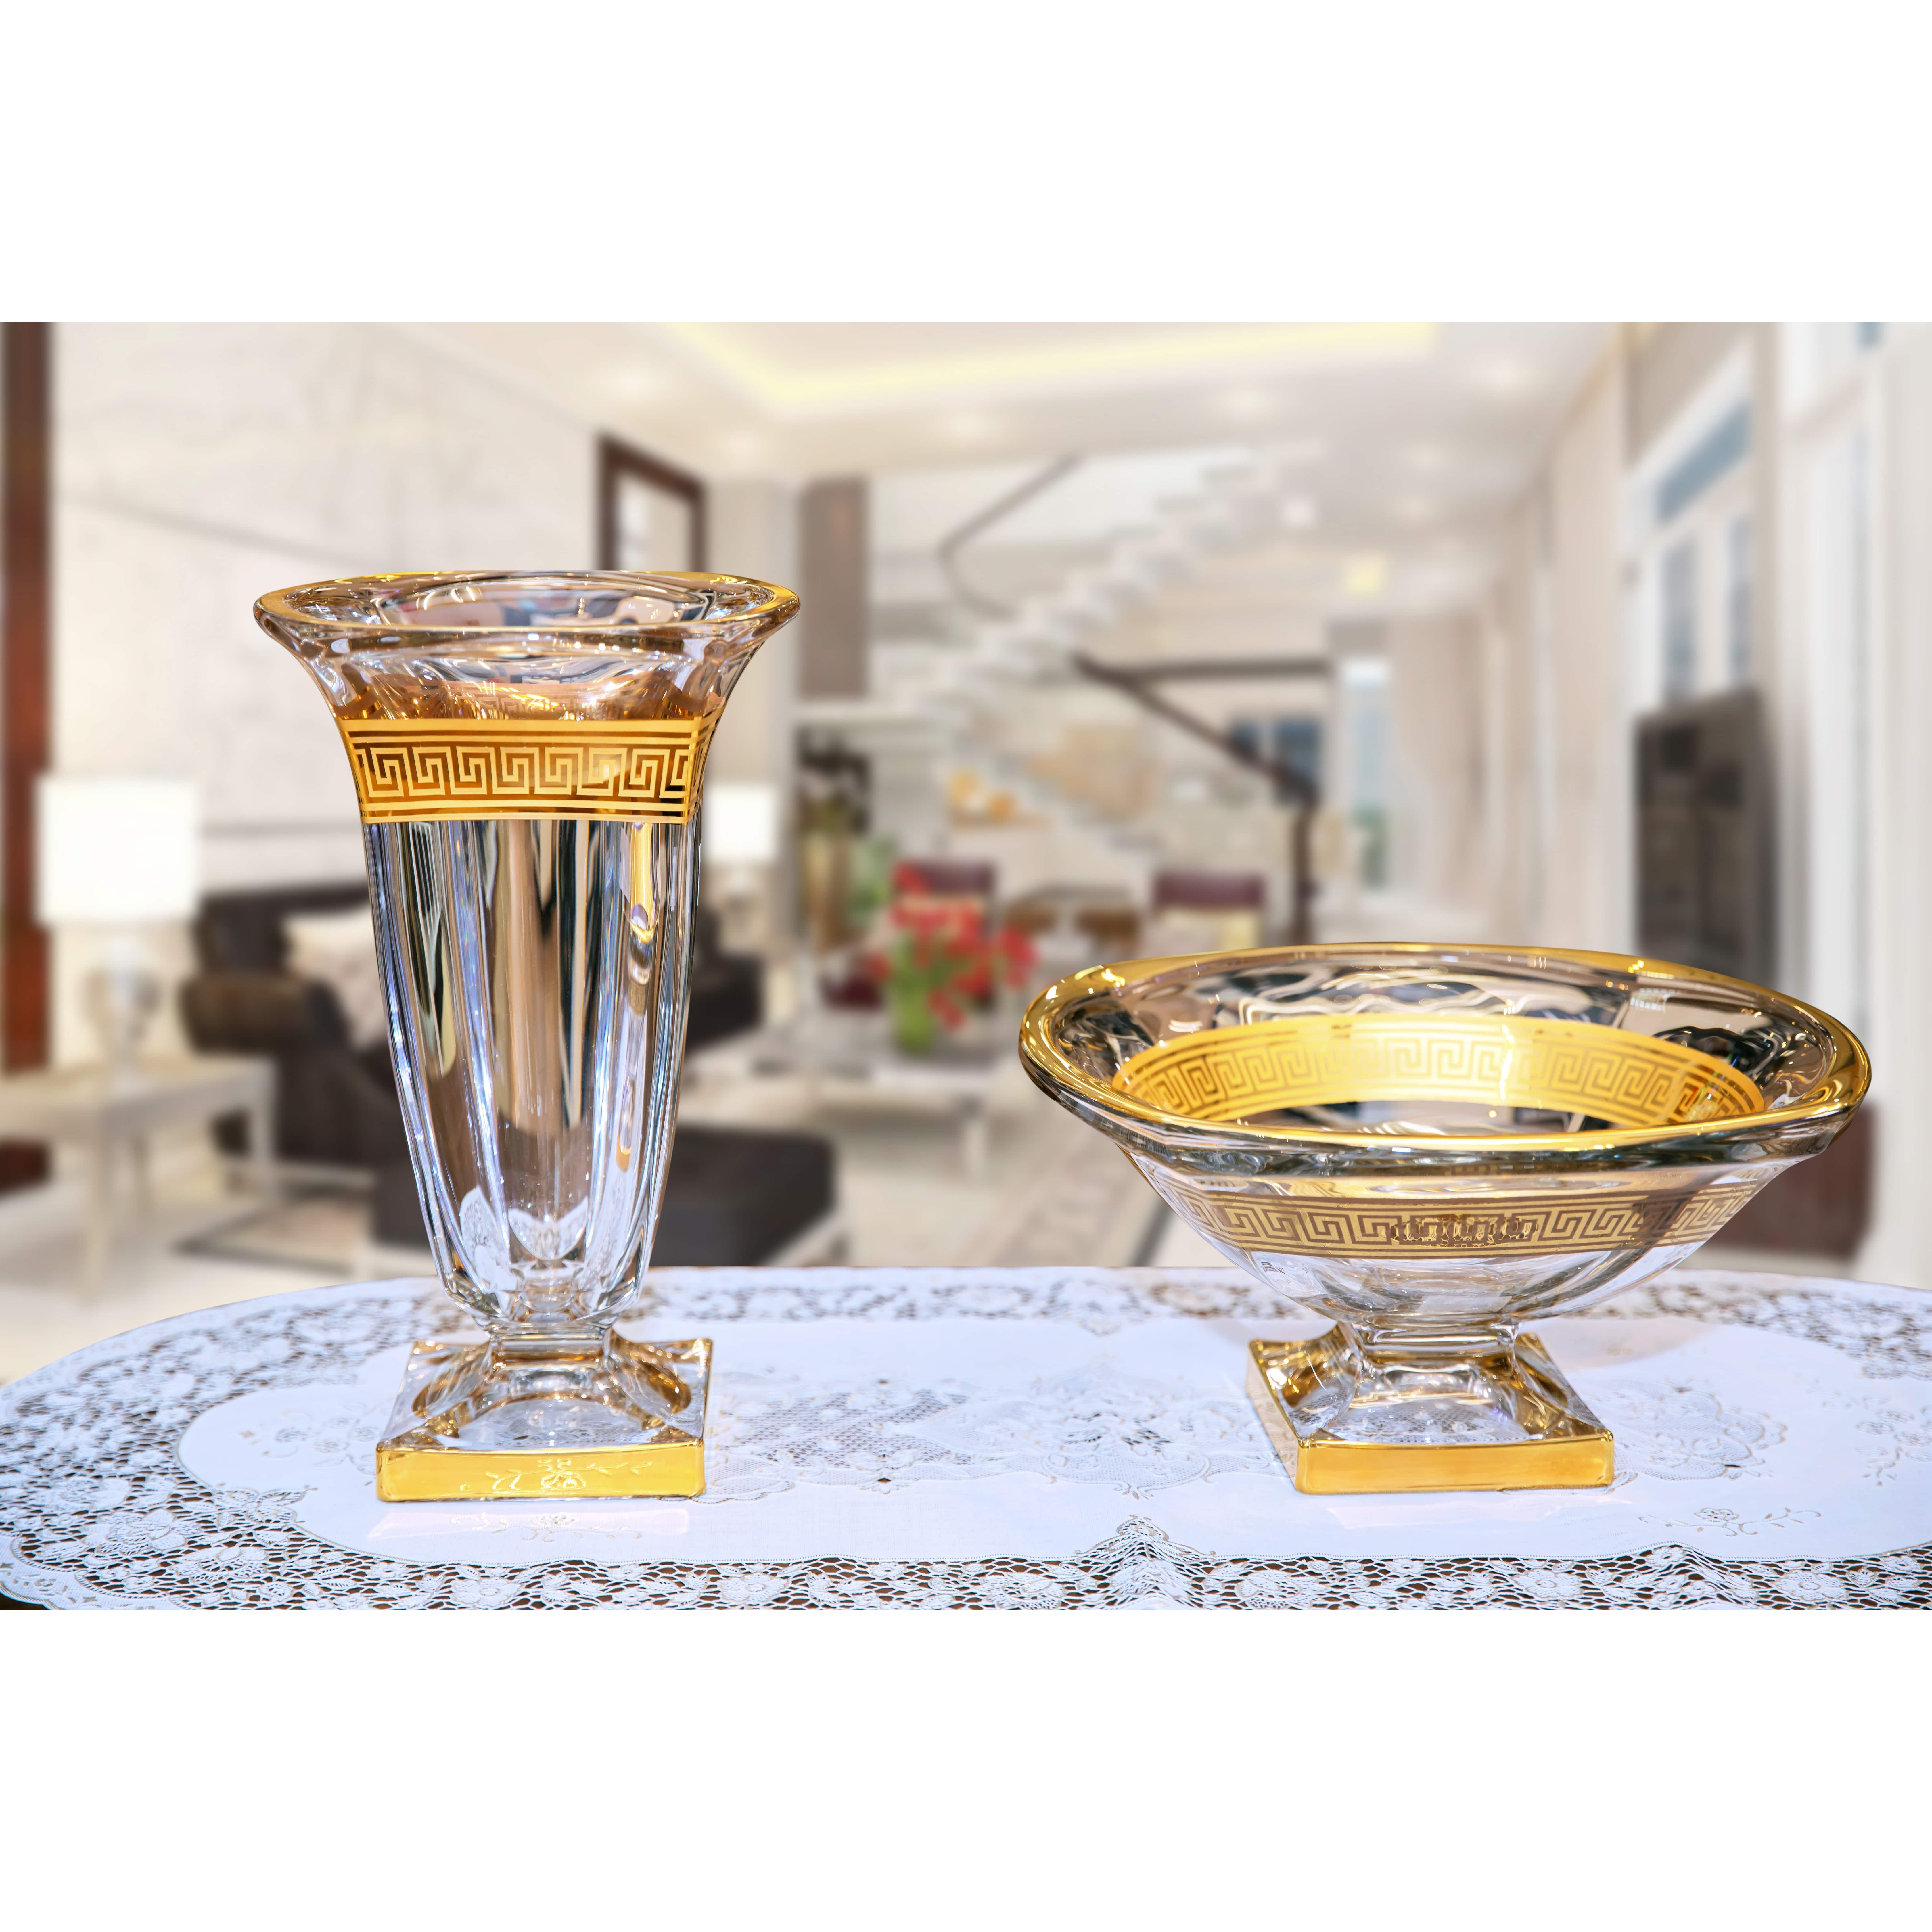 Khay (đĩa) pha lê Tiệp cao cấp  mạ vàng BOHEMIA 1345  đường kính 31 cm, hoa văn mạ vàng, kiểu dáng sang trọng, hiện đại, - Hàng chính hãng